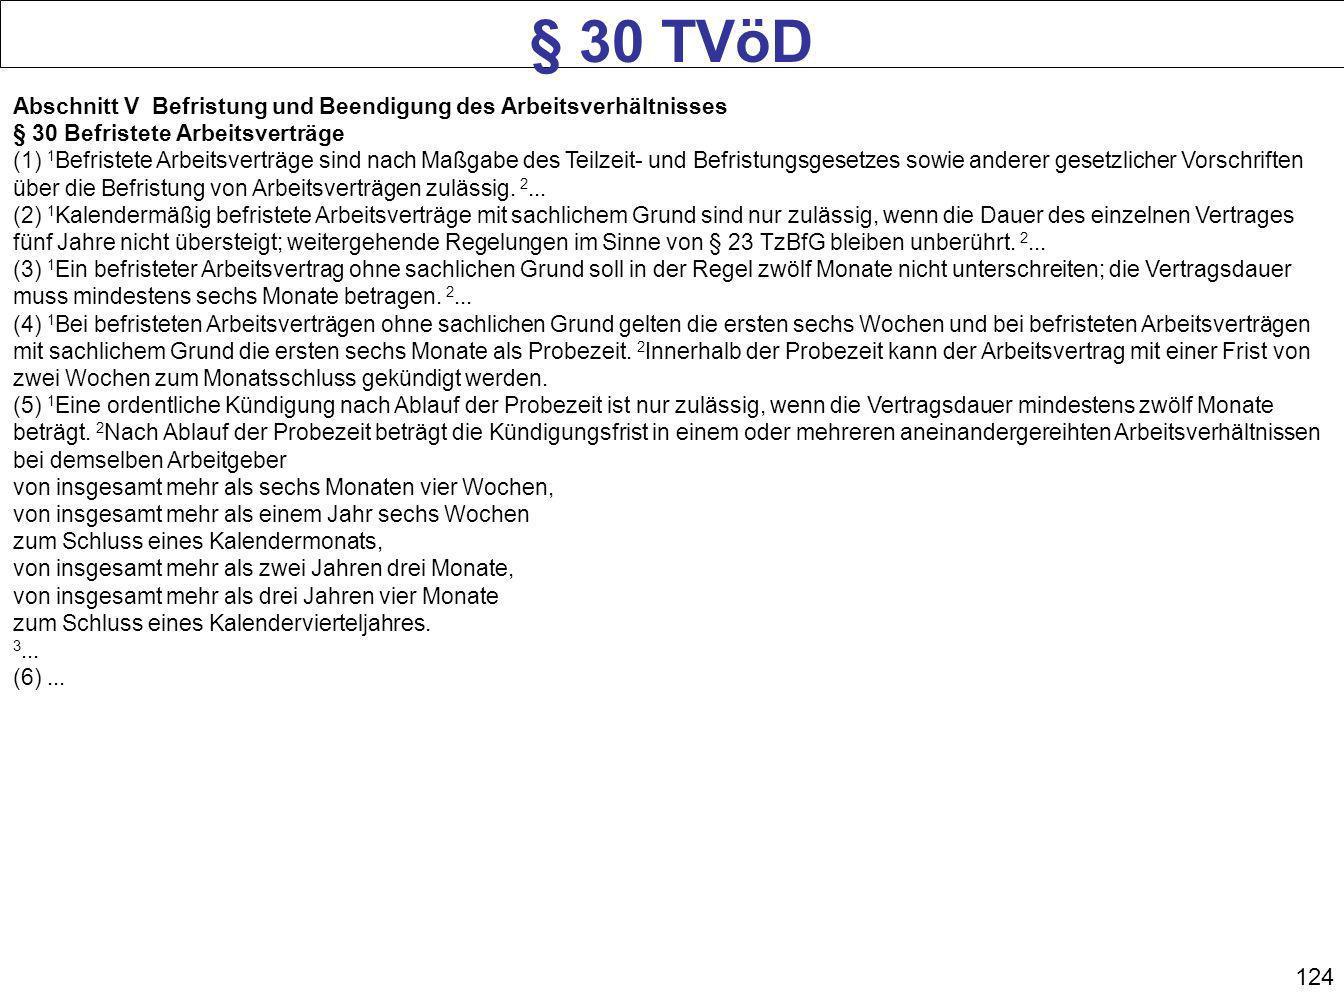 § 30 TVöD Abschnitt V Befristung und Beendigung des Arbeitsverhältnisses. § 30 Befristete Arbeitsverträge.